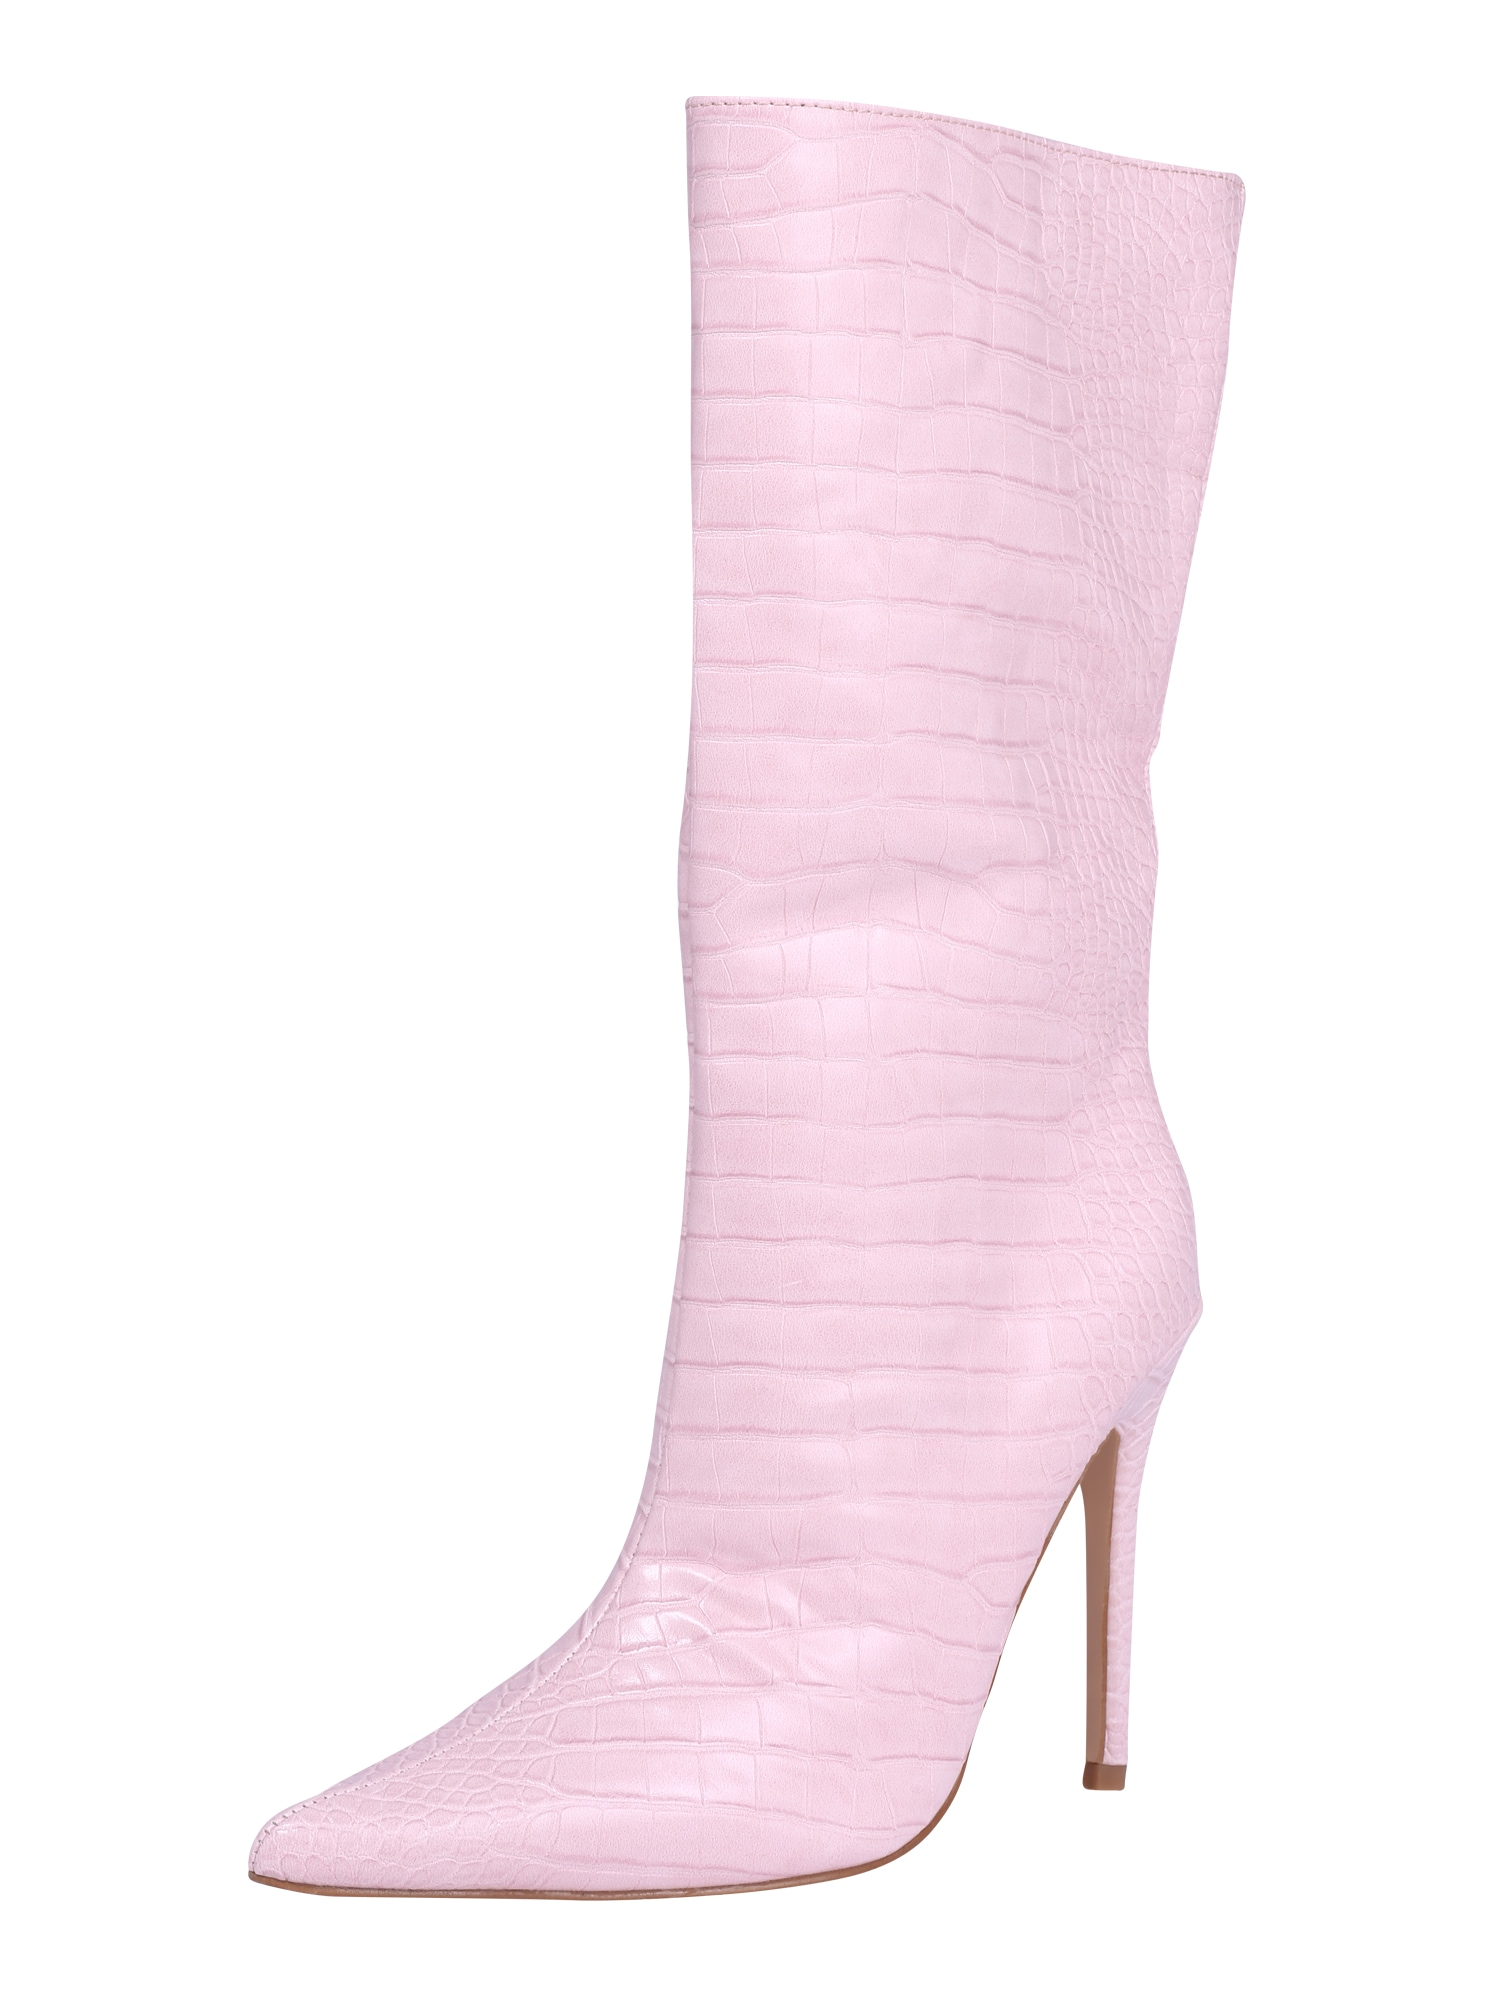 Public Desire Auliniai batai su kulniuku 'ESTELLE' rožių spalva